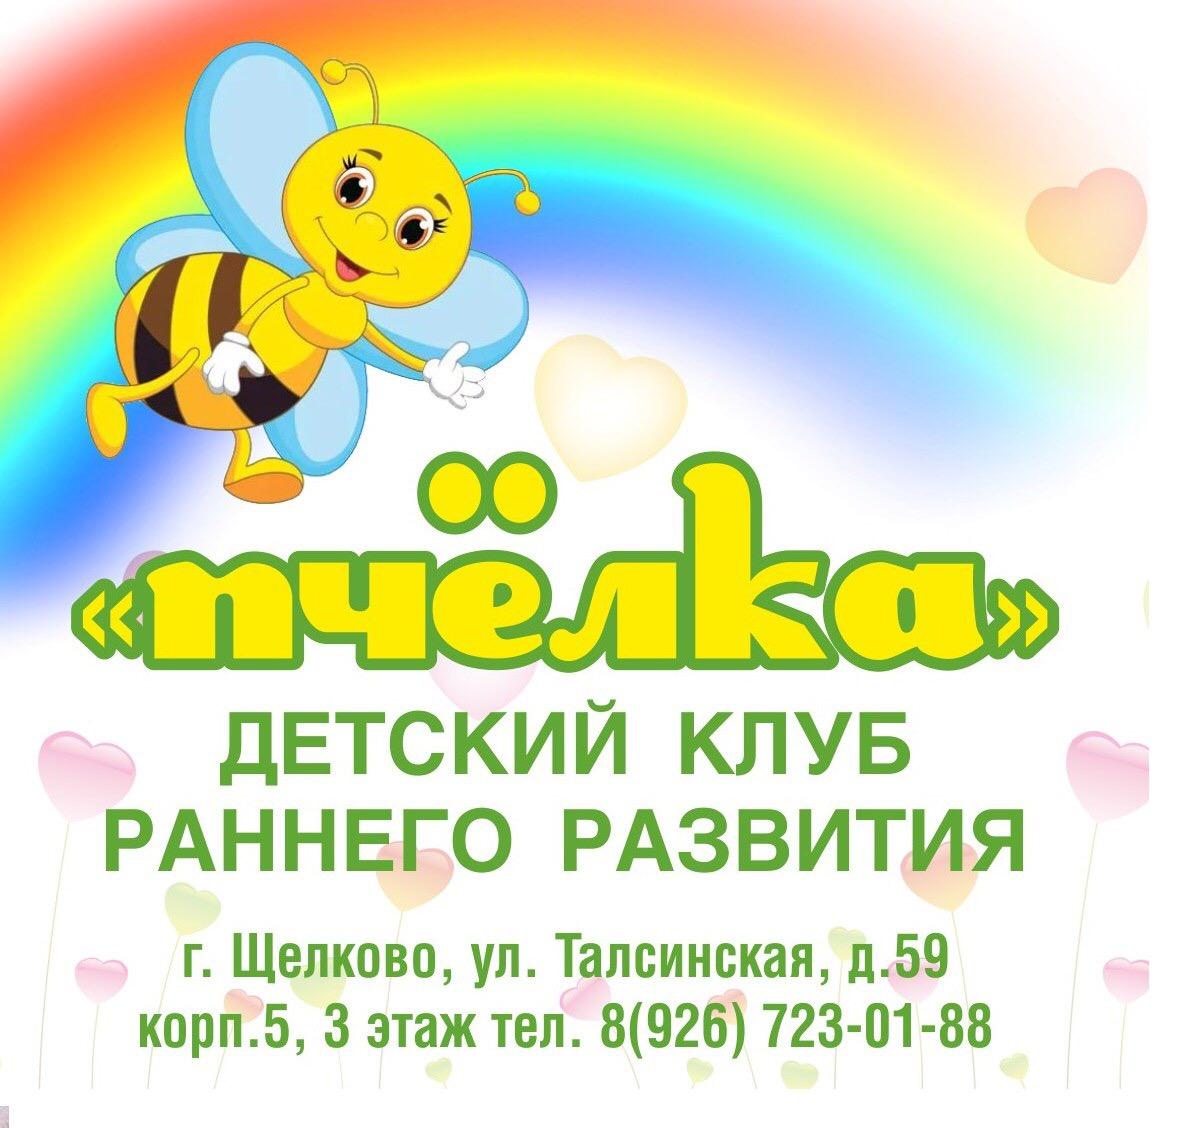 Детский клуб Пчелка